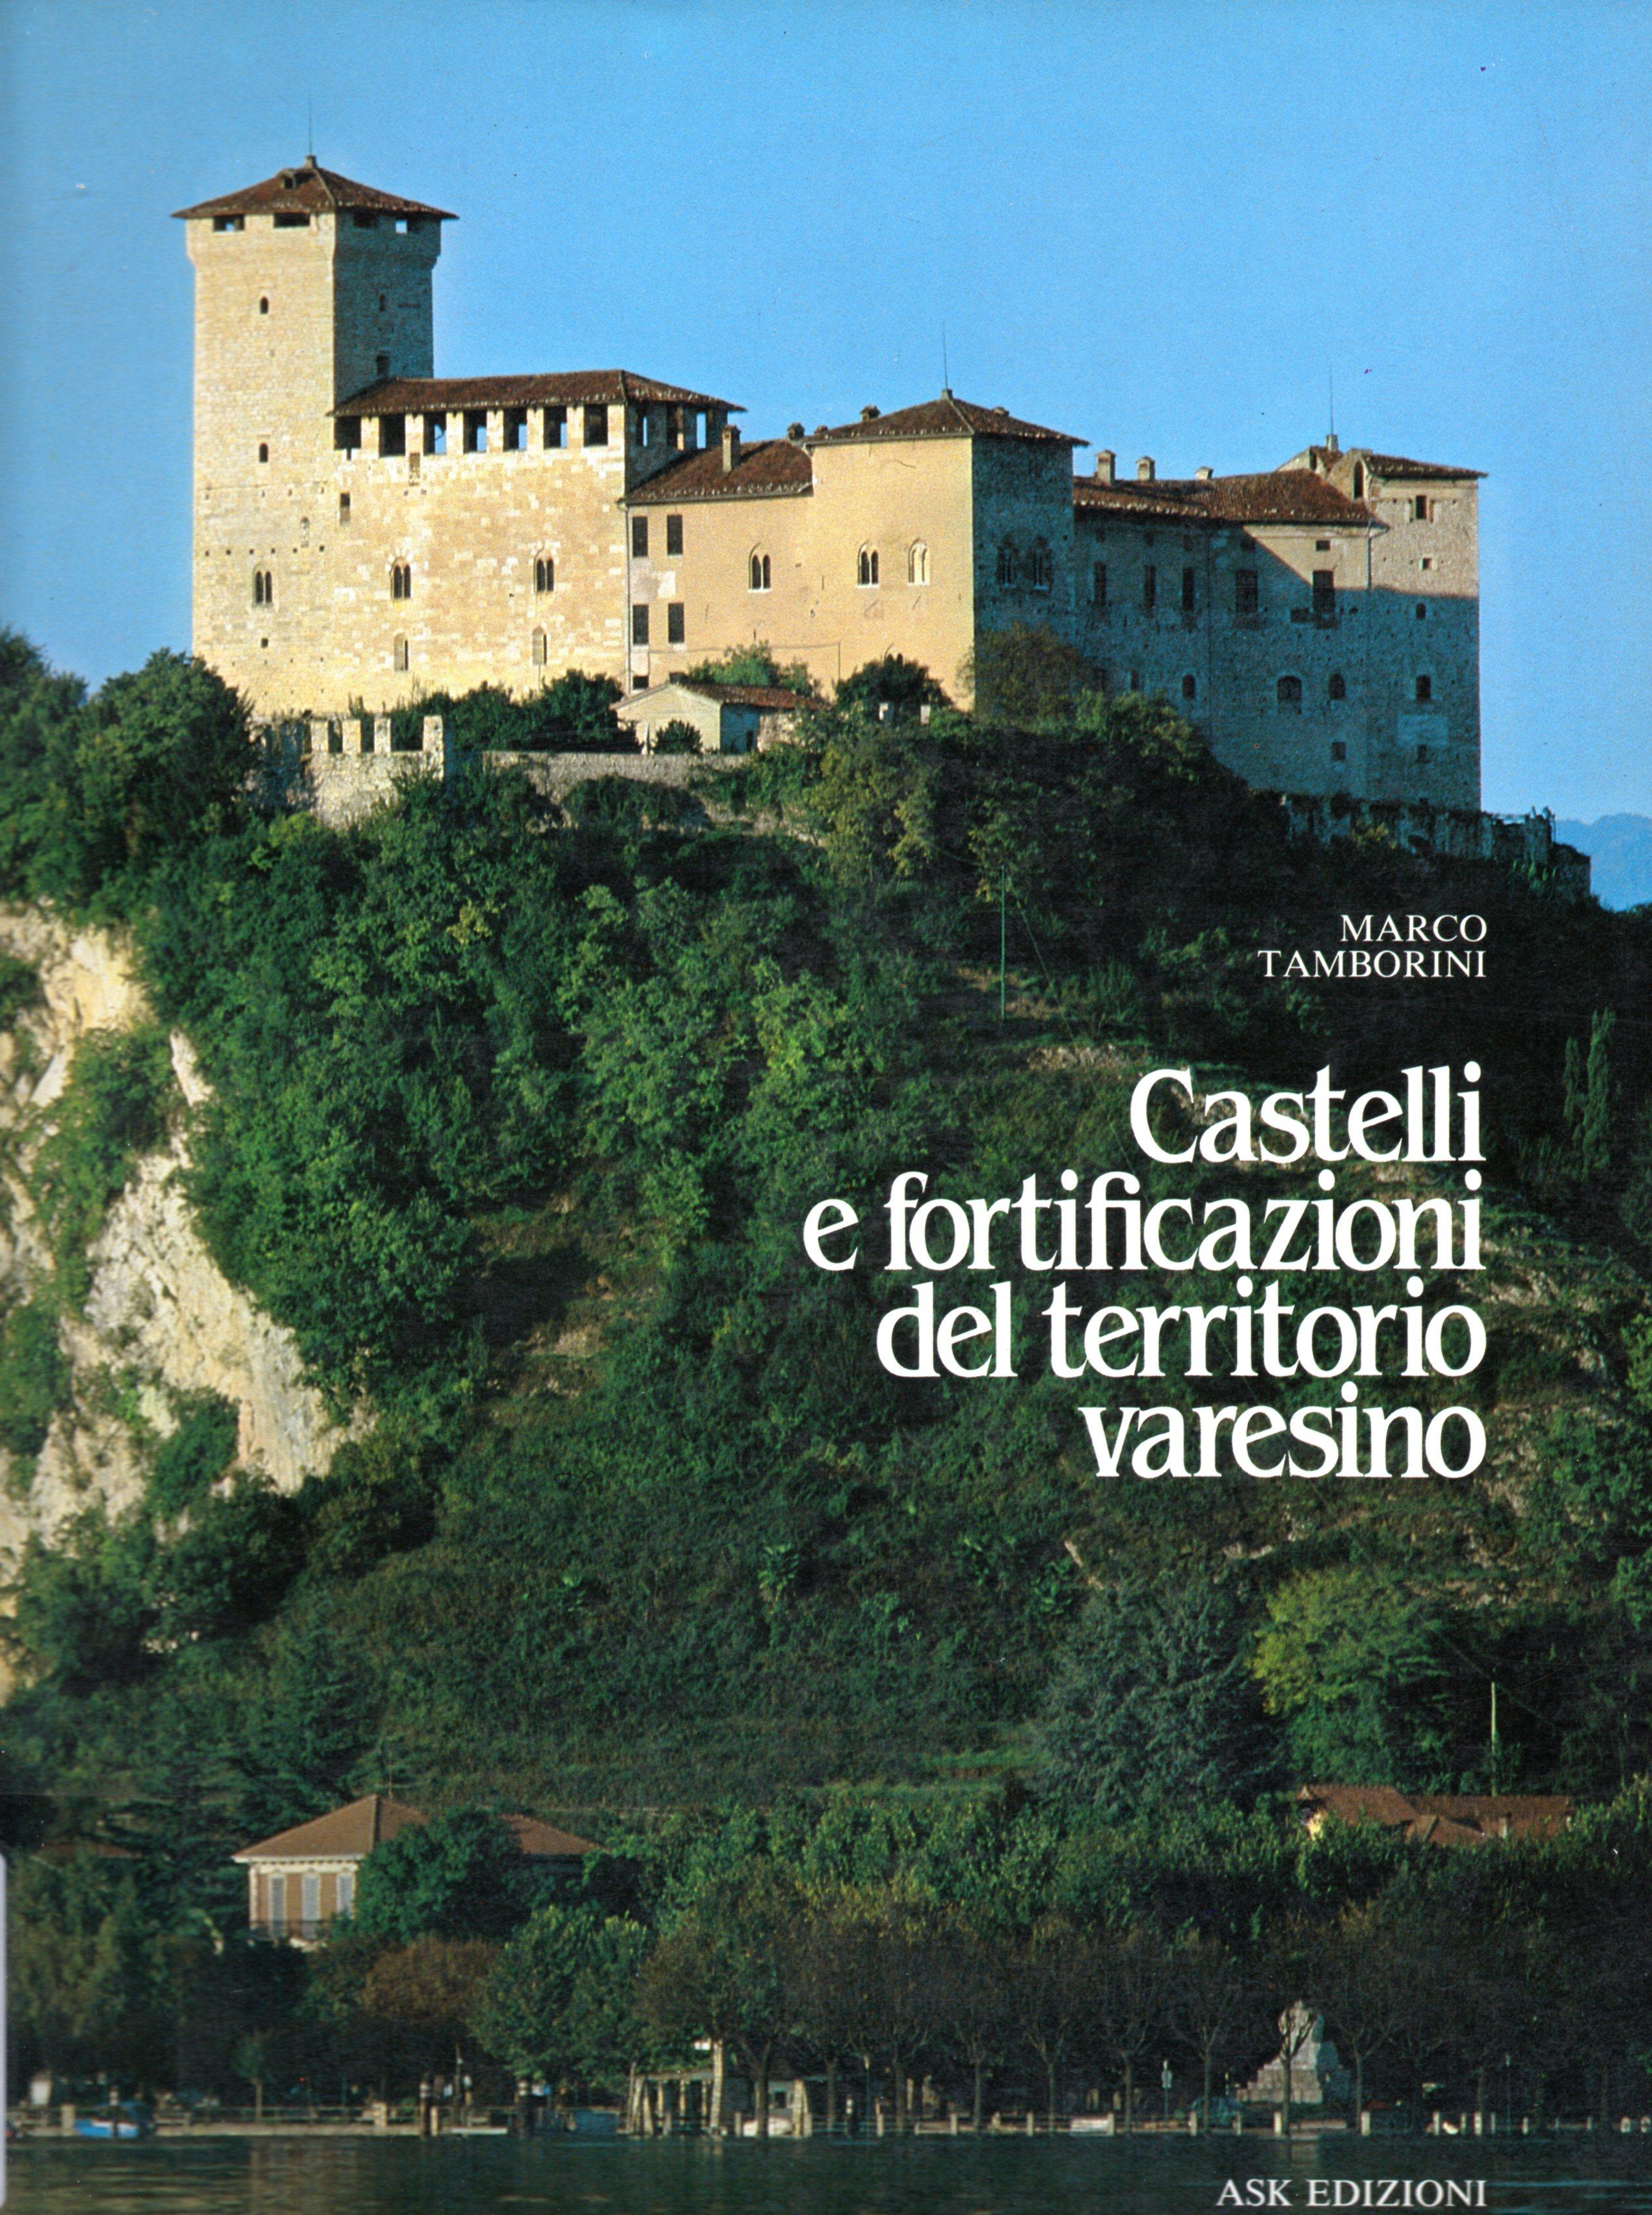 Castelli e fortificazioni del territorio varesino